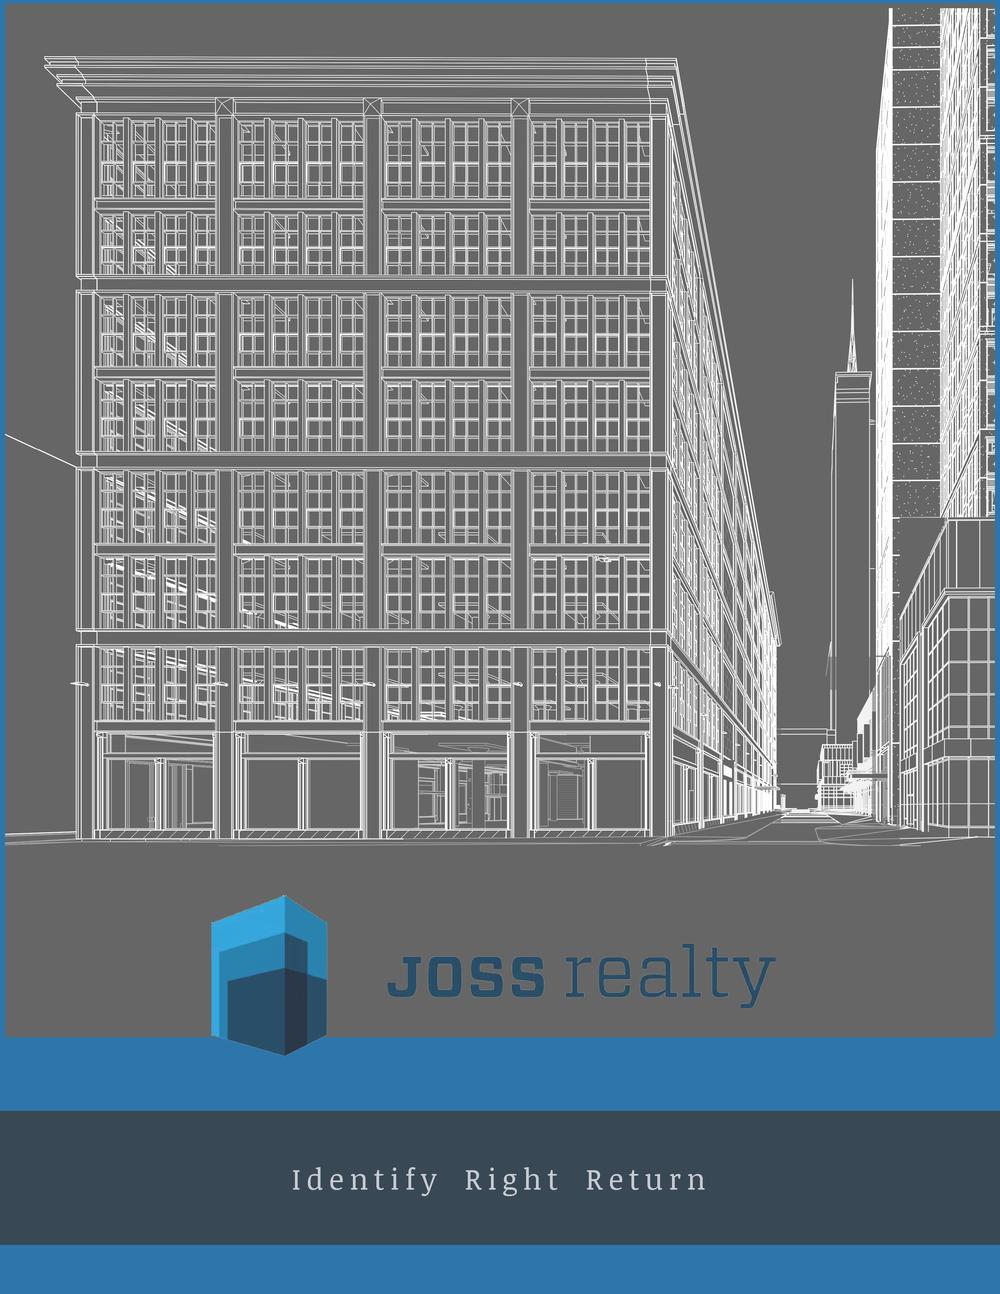 JOSS Realty Partners